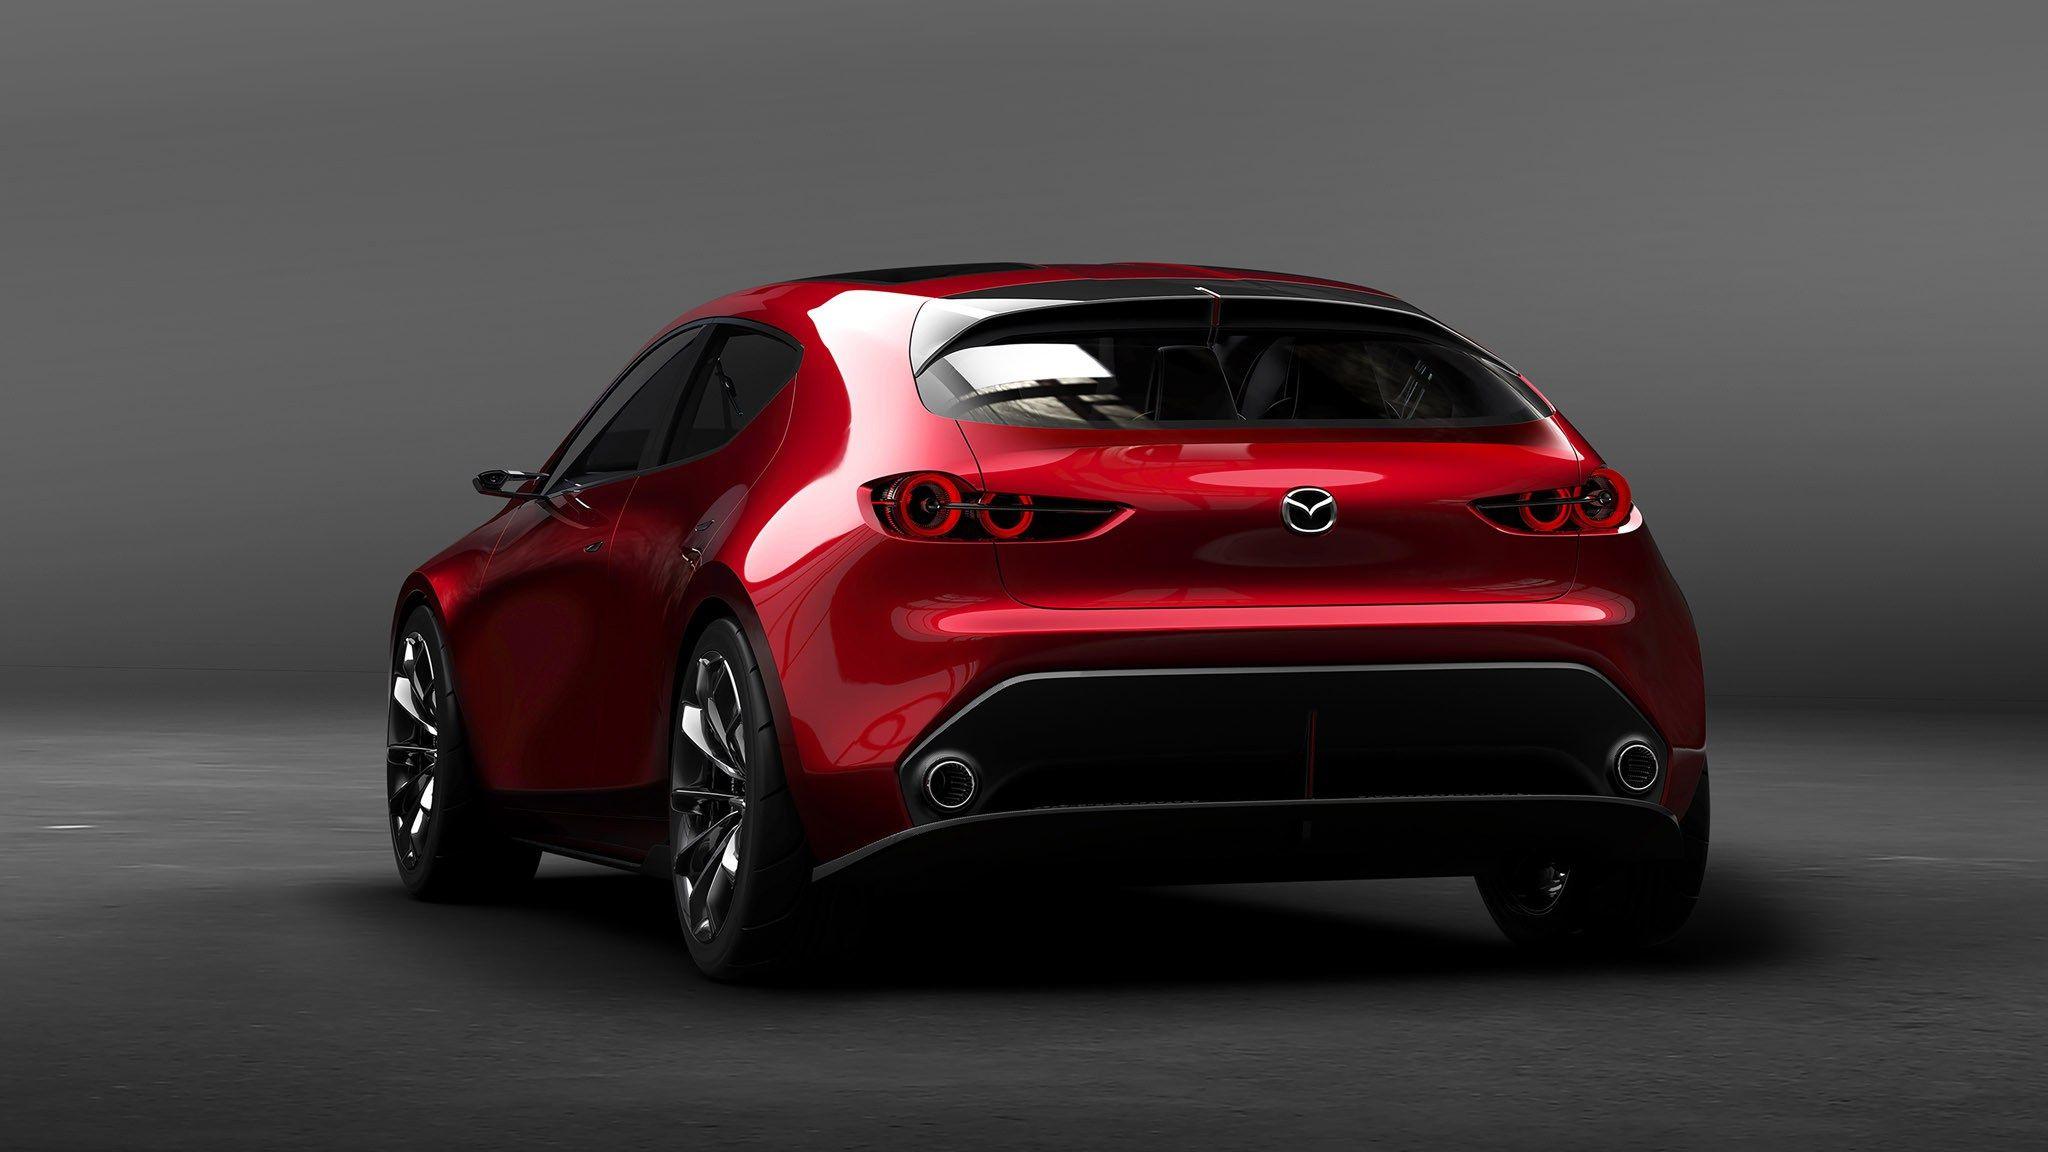 Kelebihan Kekurangan Harga Mazda 3 2019 Spesifikasi